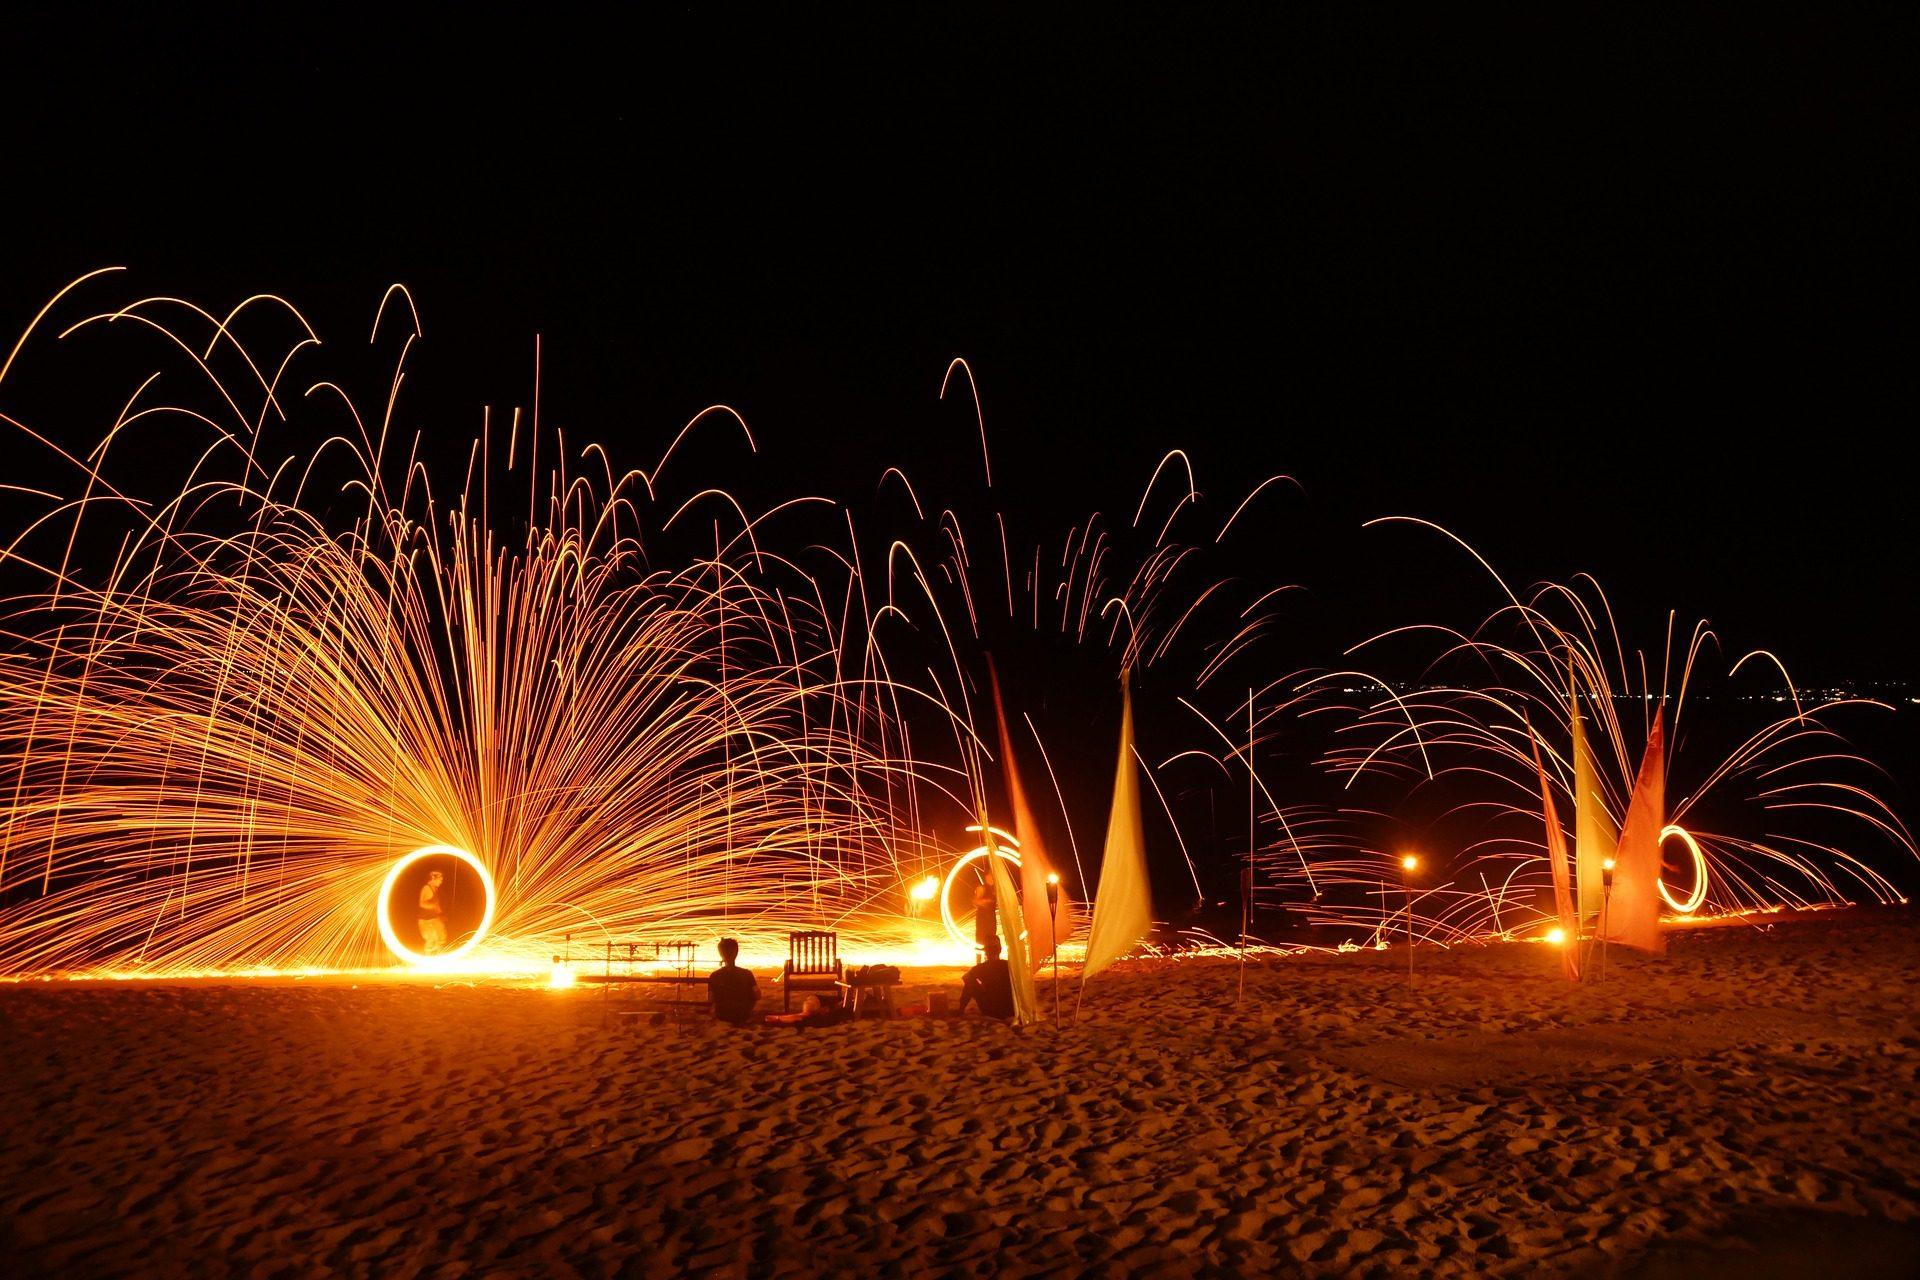 incendi, spettacoli, Sparks, luci, Spiaggia, Thailandia - Sfondi HD - Professor-falken.com